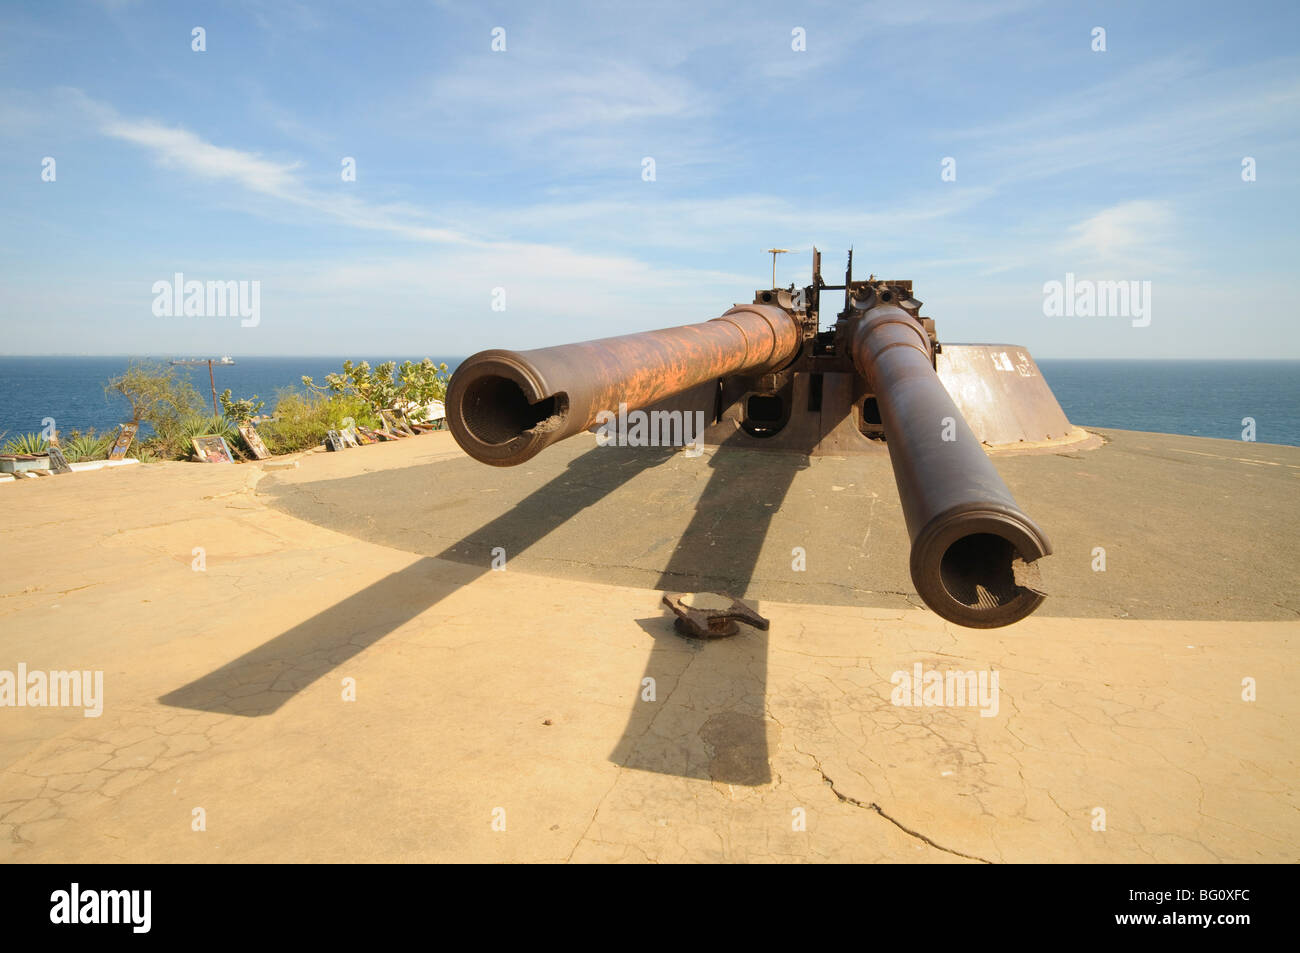 Waffen, Gorée Insel berühmt für seine Rolle in der Sklaverei, in der Nähe von Dakar, Senegal, Stockbild